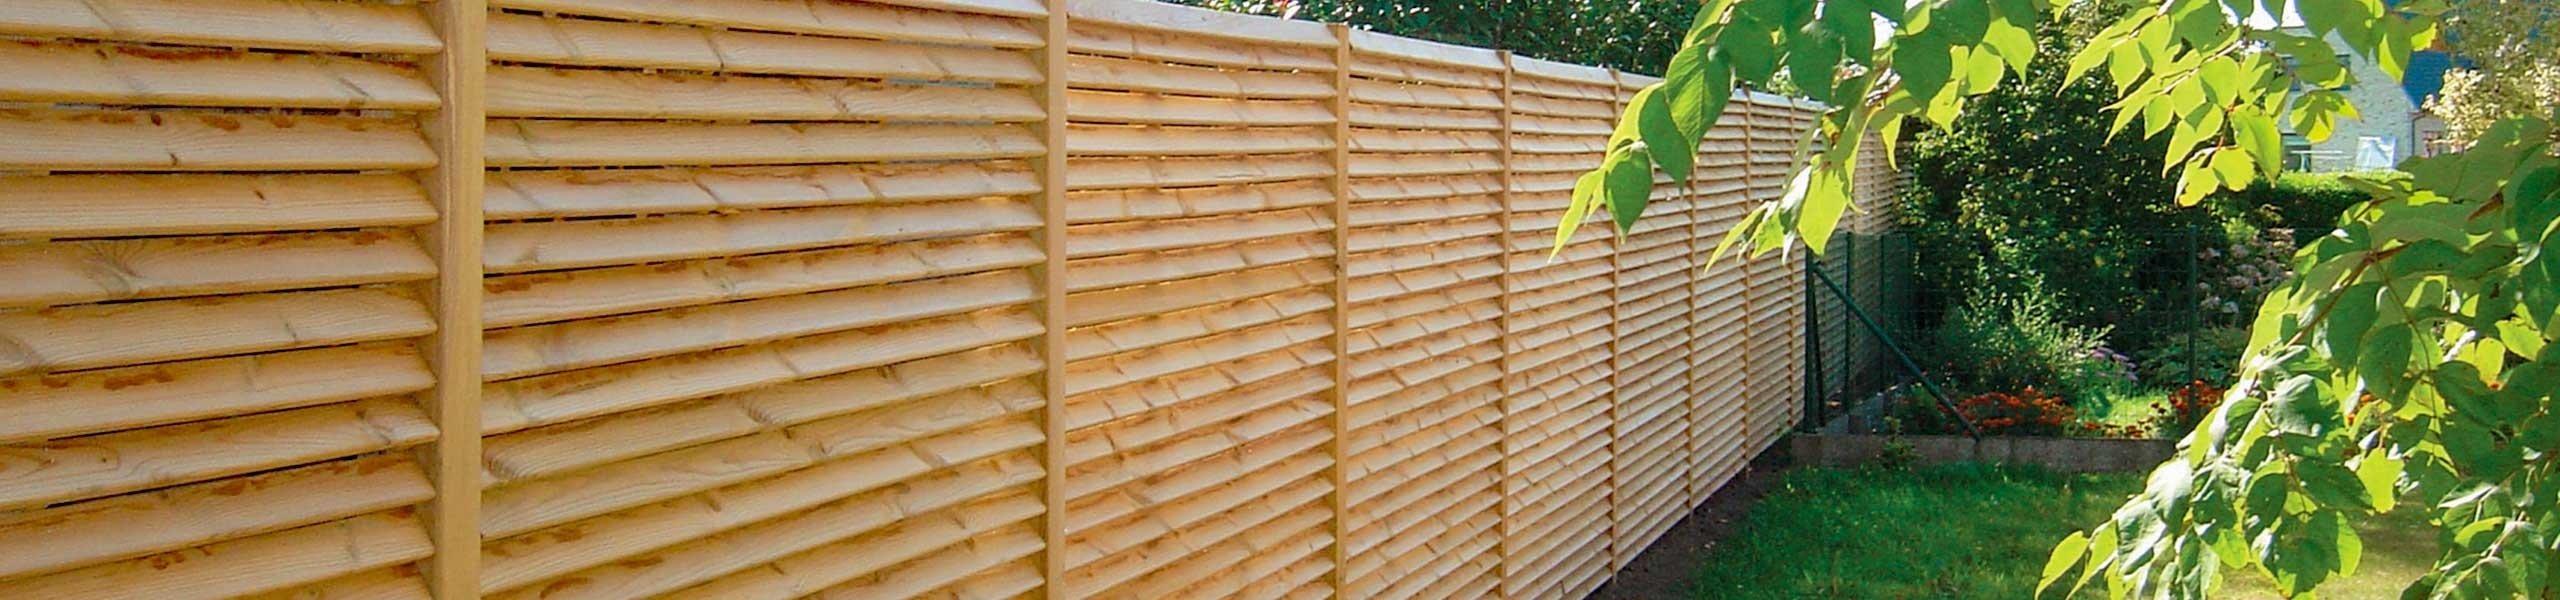 Panneaux en bois de jardin